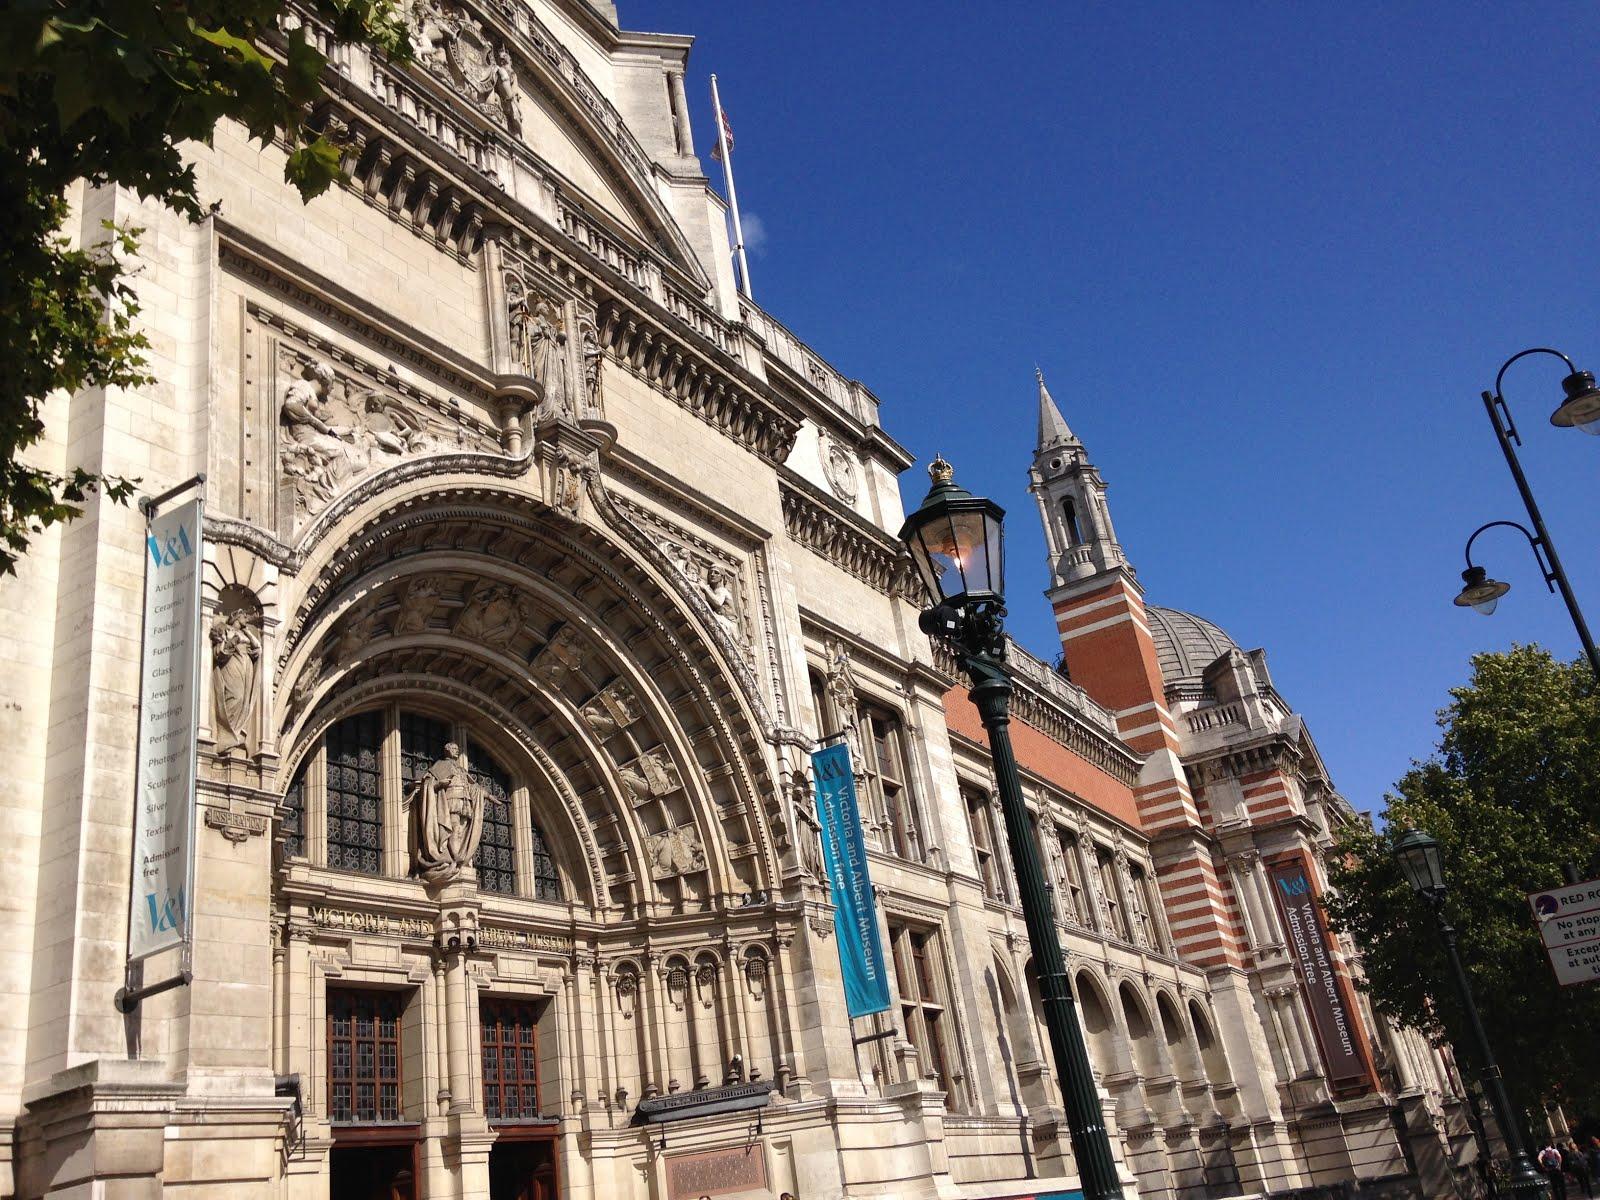 # 25 Visit the Victoria & Albert Museum